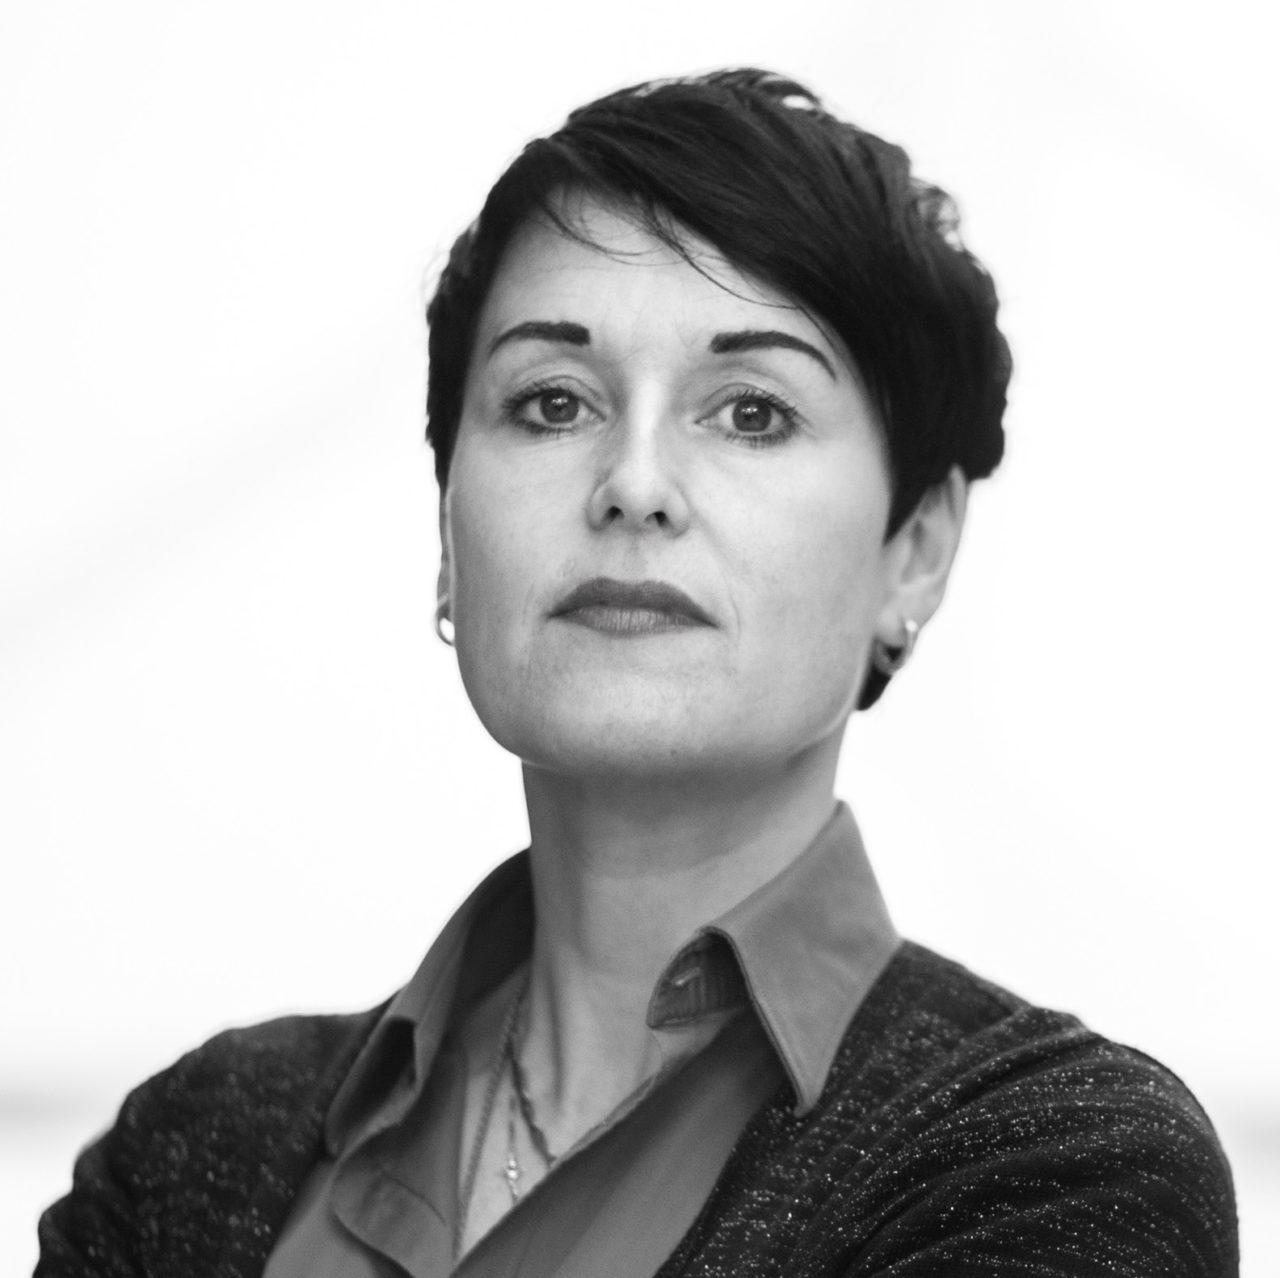 profile photo Saskia Van Stein core tutor of the Master Non Linear Narrative at the KABK